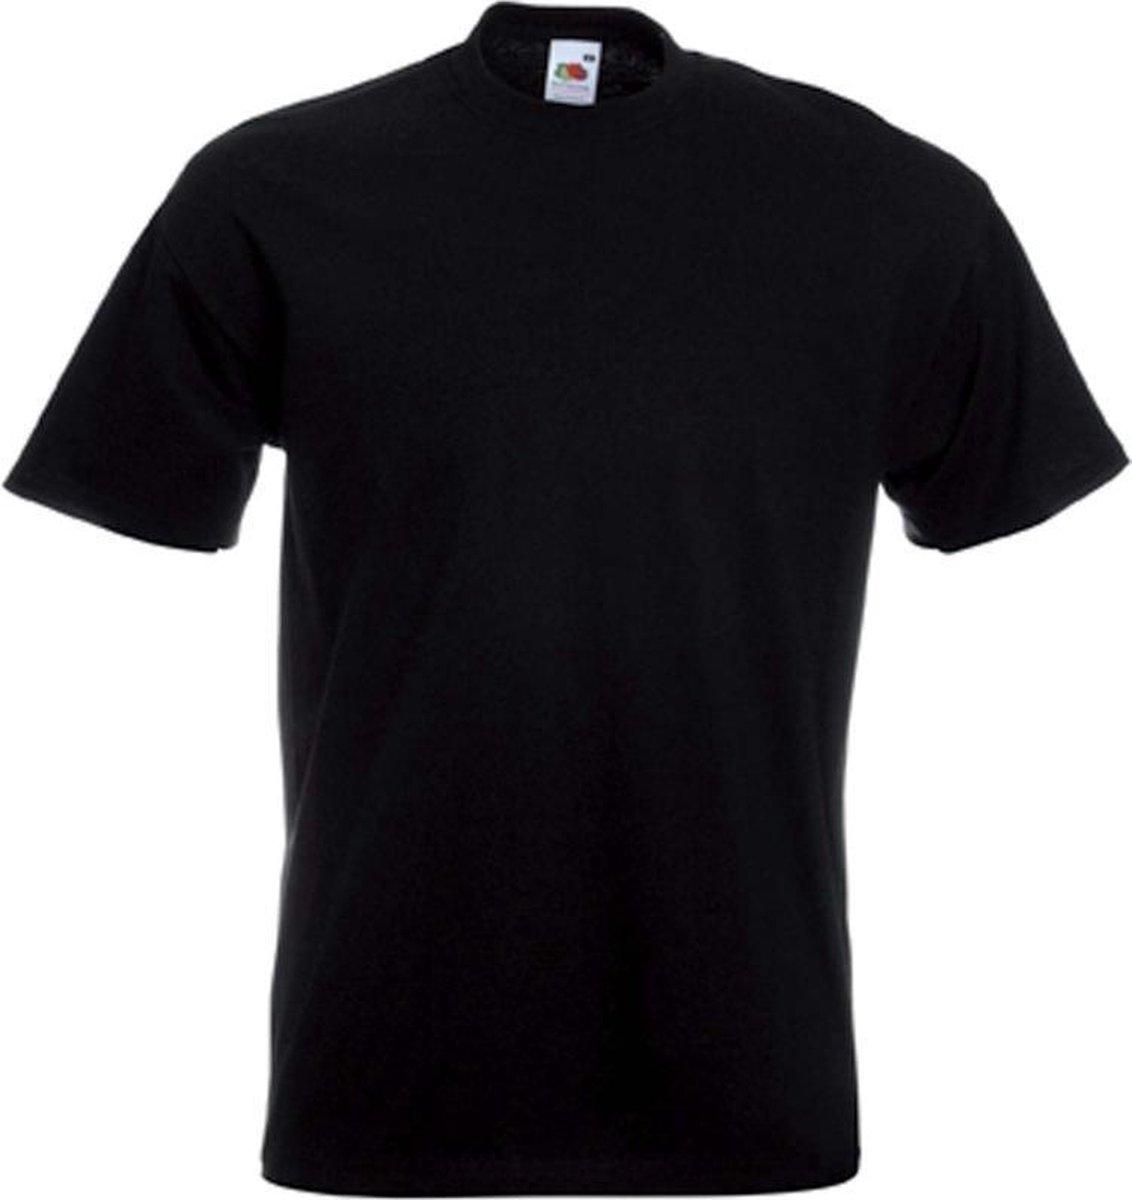 Set van 2x stuks grote maten basic zwarte t-shirts voor heren - voordelige katoenen shirts - Herenkl